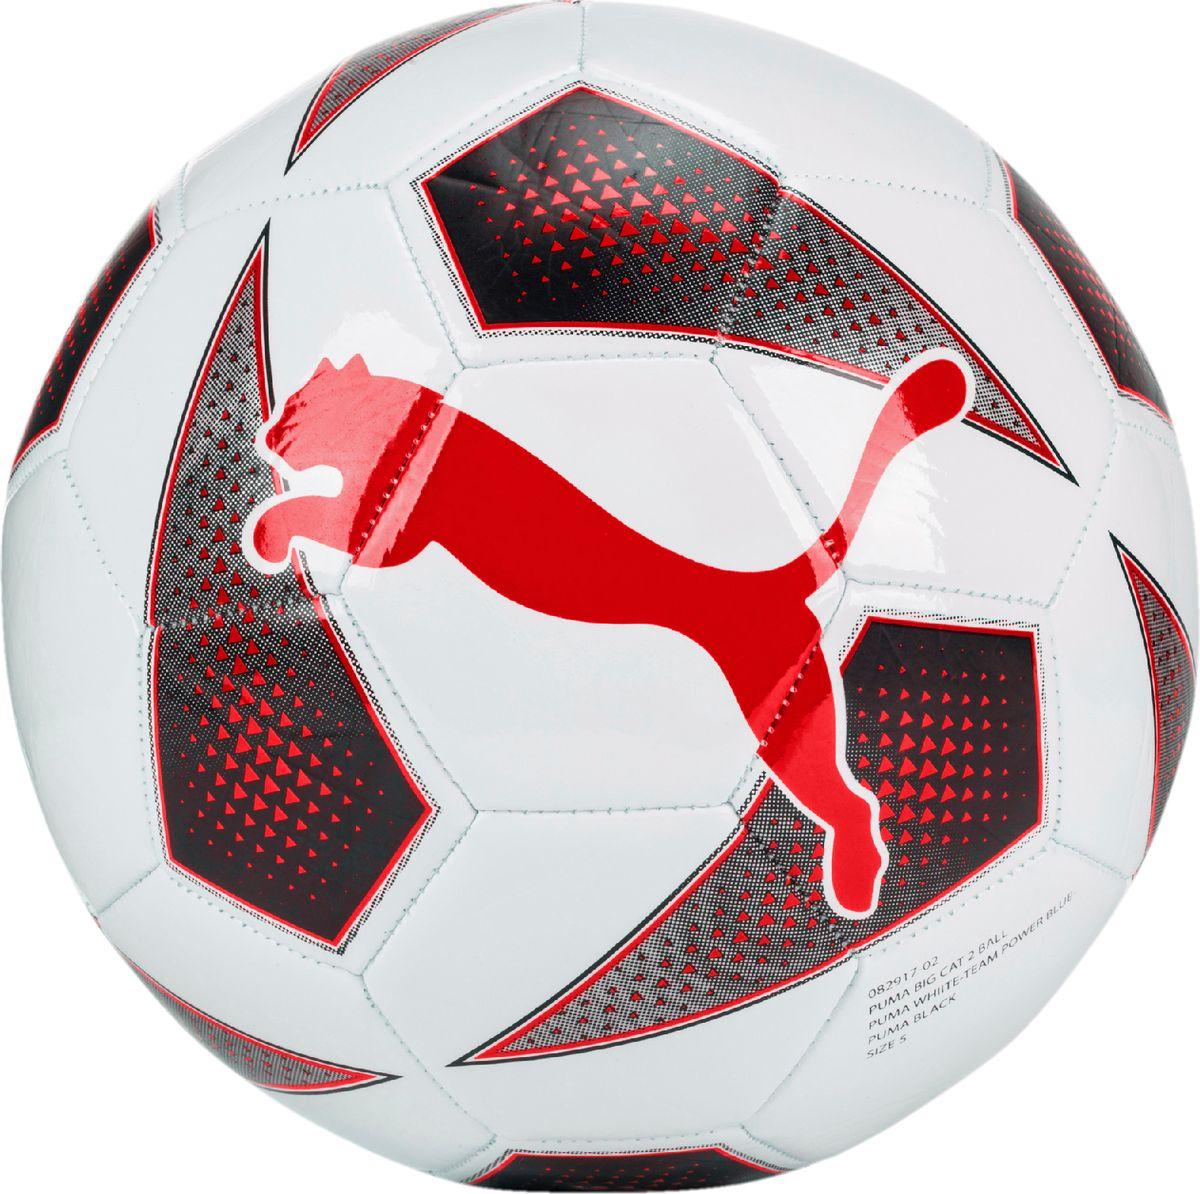 Мяч тренировочный Puma Big Cat 2 Ball, цвет: белый. 0829170108291701Мяч для тренировок начинающих футболистов также подходит для игр с друзьями. Сочетание покрытия из термополиуретана, подложки из вспененного термопластичного эластомера и полиэстера, а также надежная машинная прошивка панелей создают такие характеристики мяча, которые обеспечивают удобство приема, сохранение формы, чуткое реагирование на любые действия игрока, предсказуемость отскока, отличные аэродинамические качества. Резиновая камера надежно удерживает воздух внутри мяча.